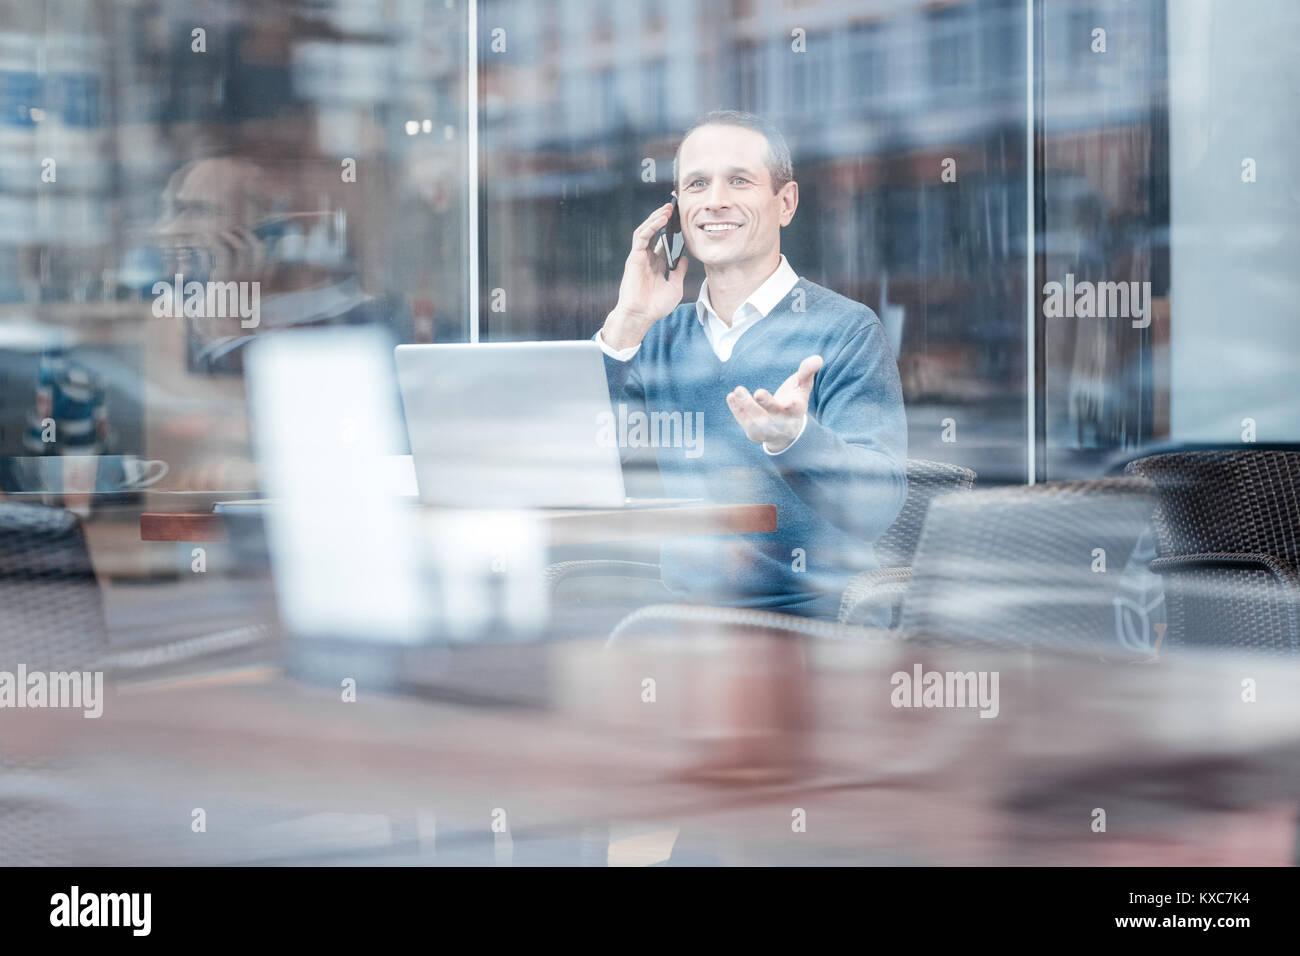 Ravi positive businessman having conversation téléphonique Photo Stock